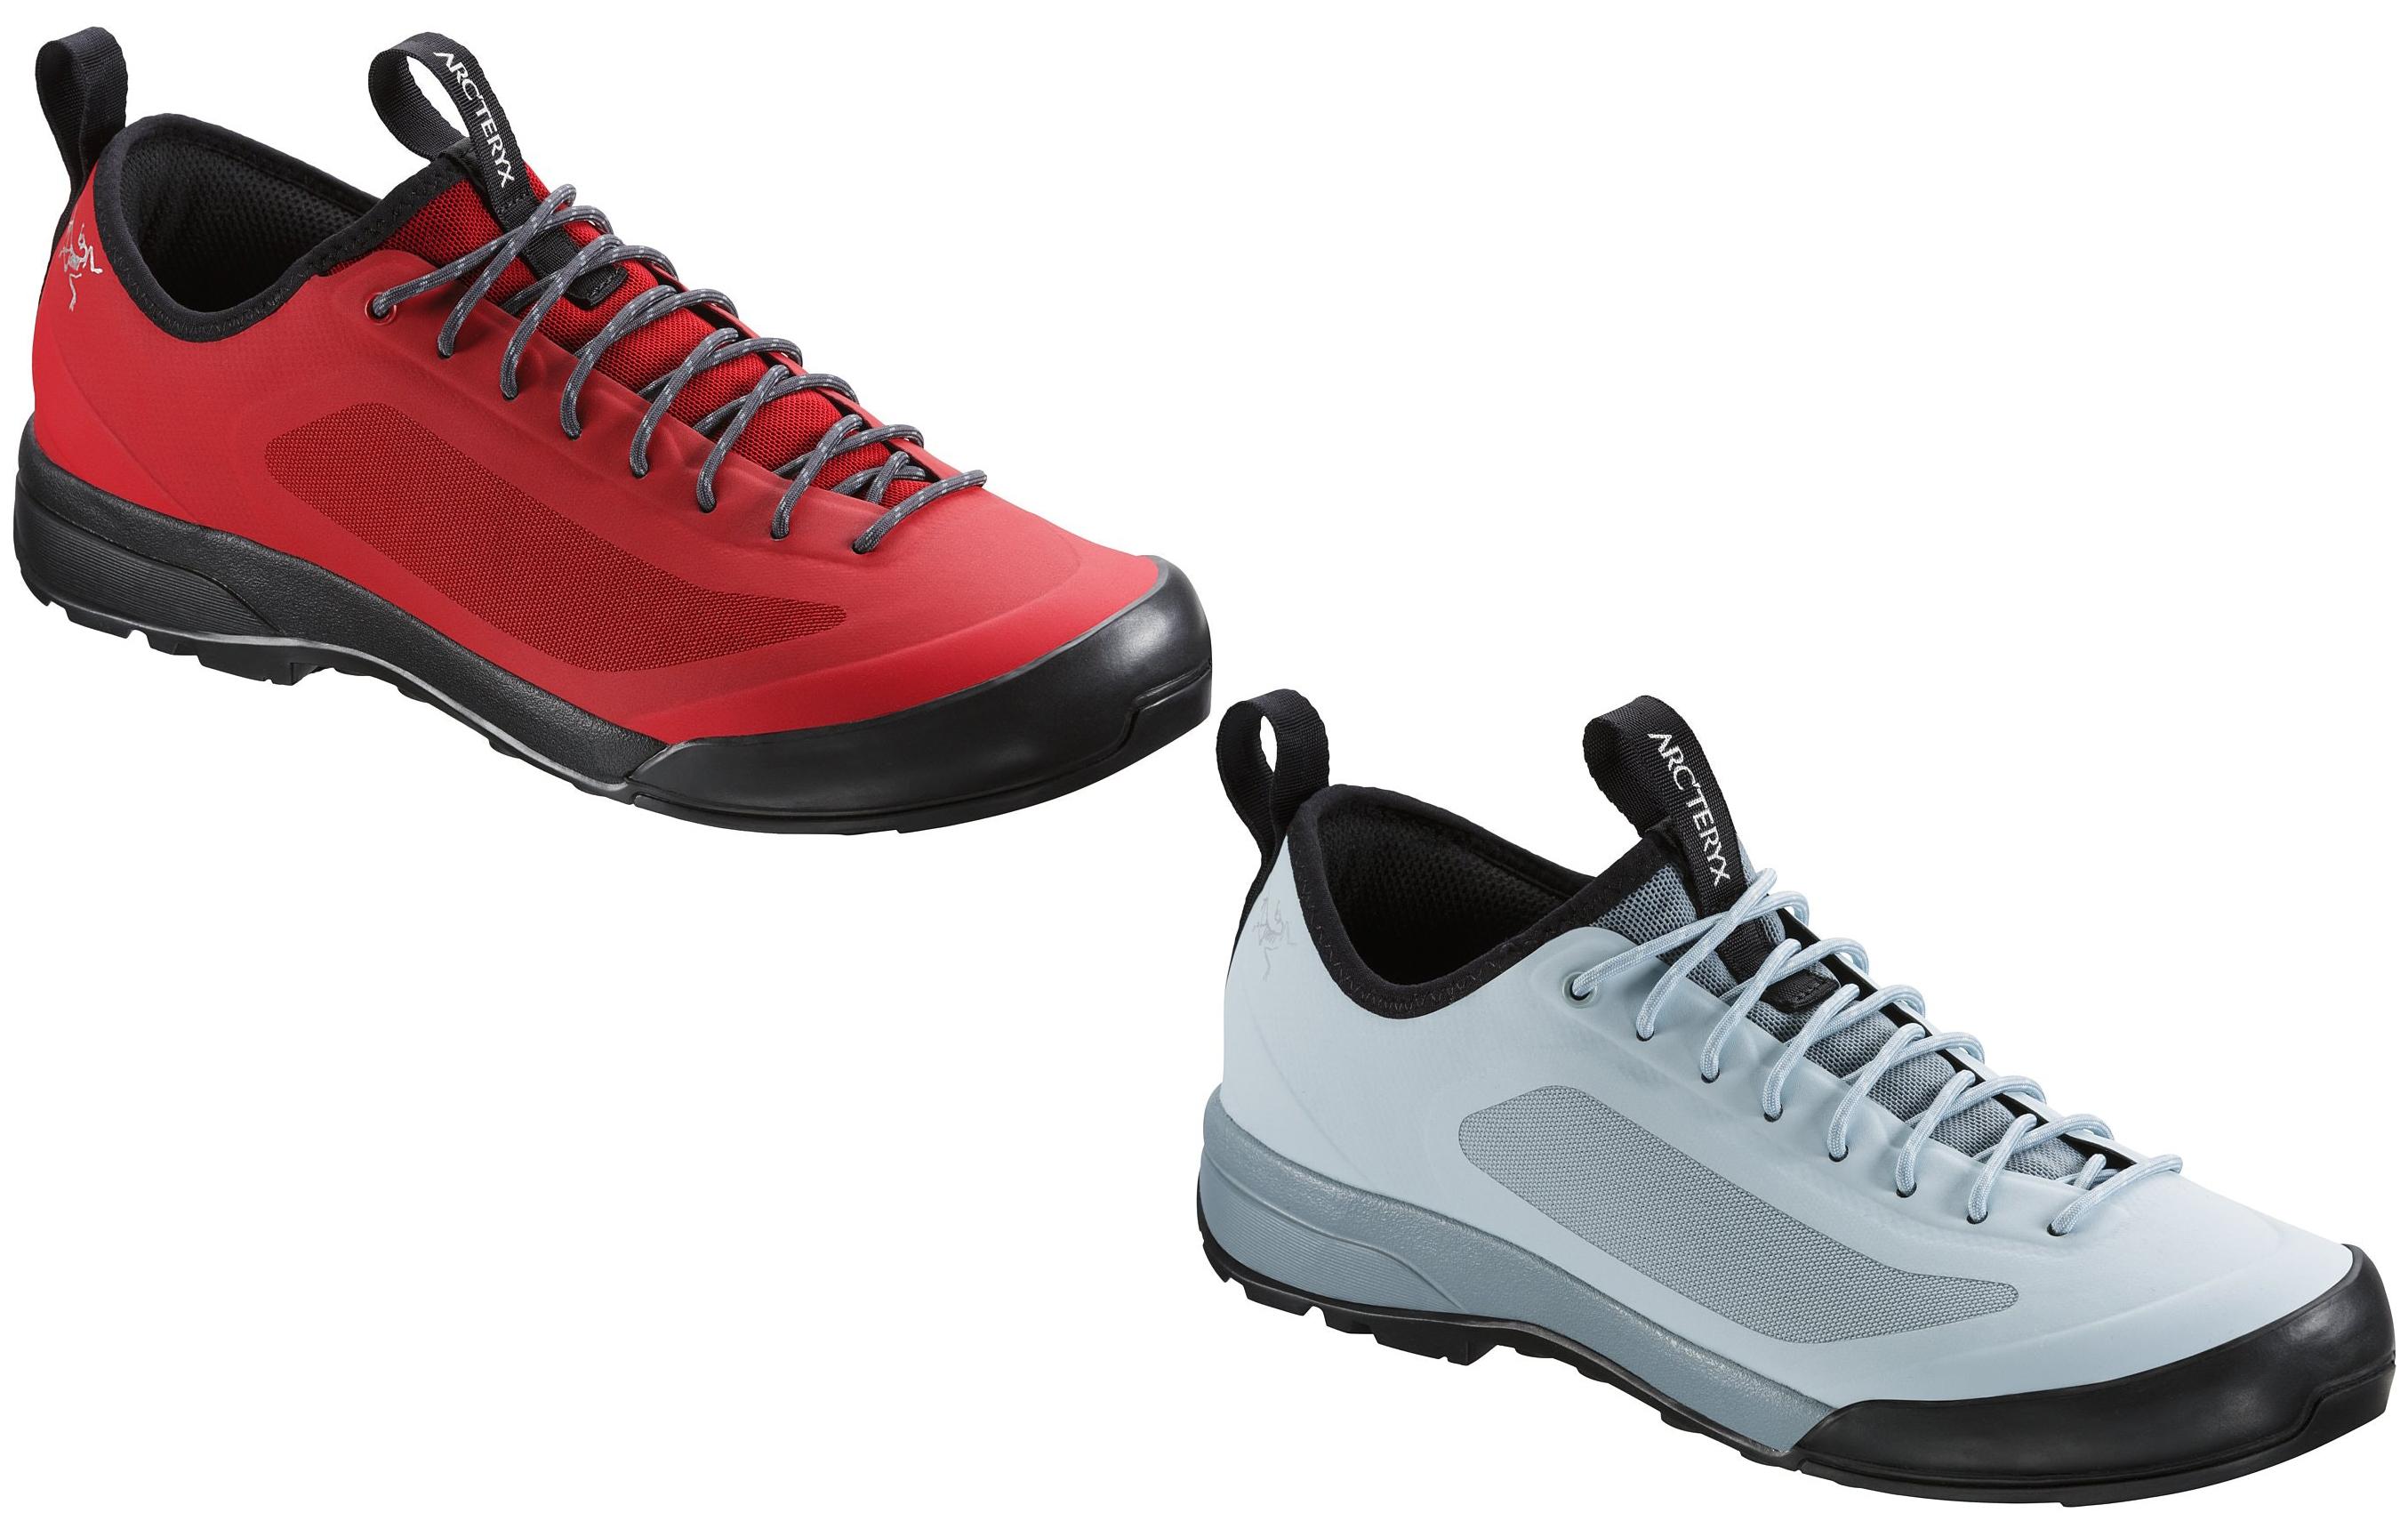 6a974674b267b footwear Archives - malegroomingbook.com